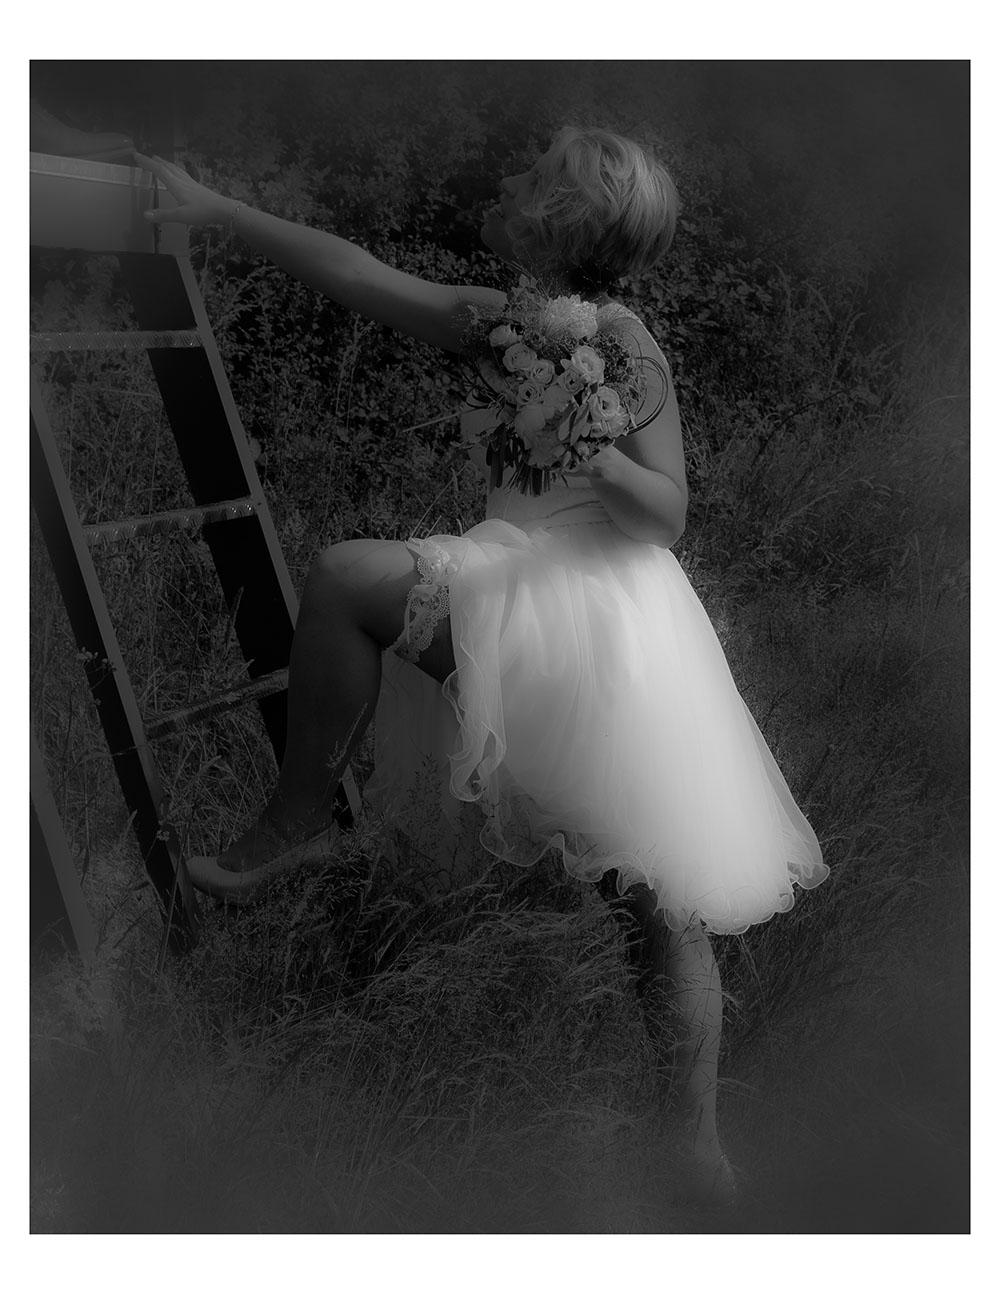 Noir et Blanc 4 - Jolie Mariée r